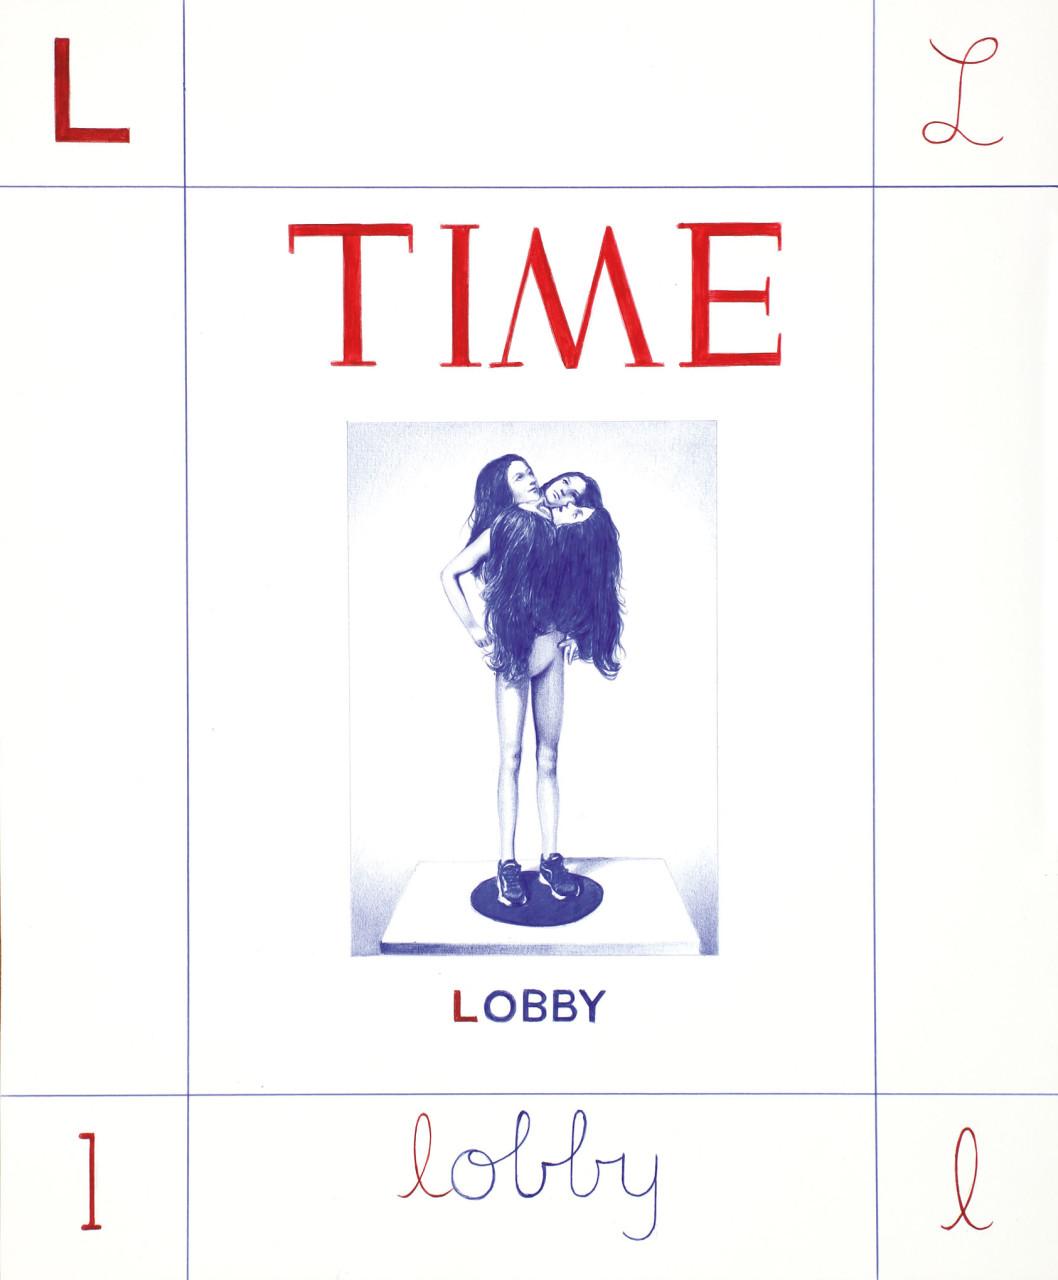 19L-lobby_bassa